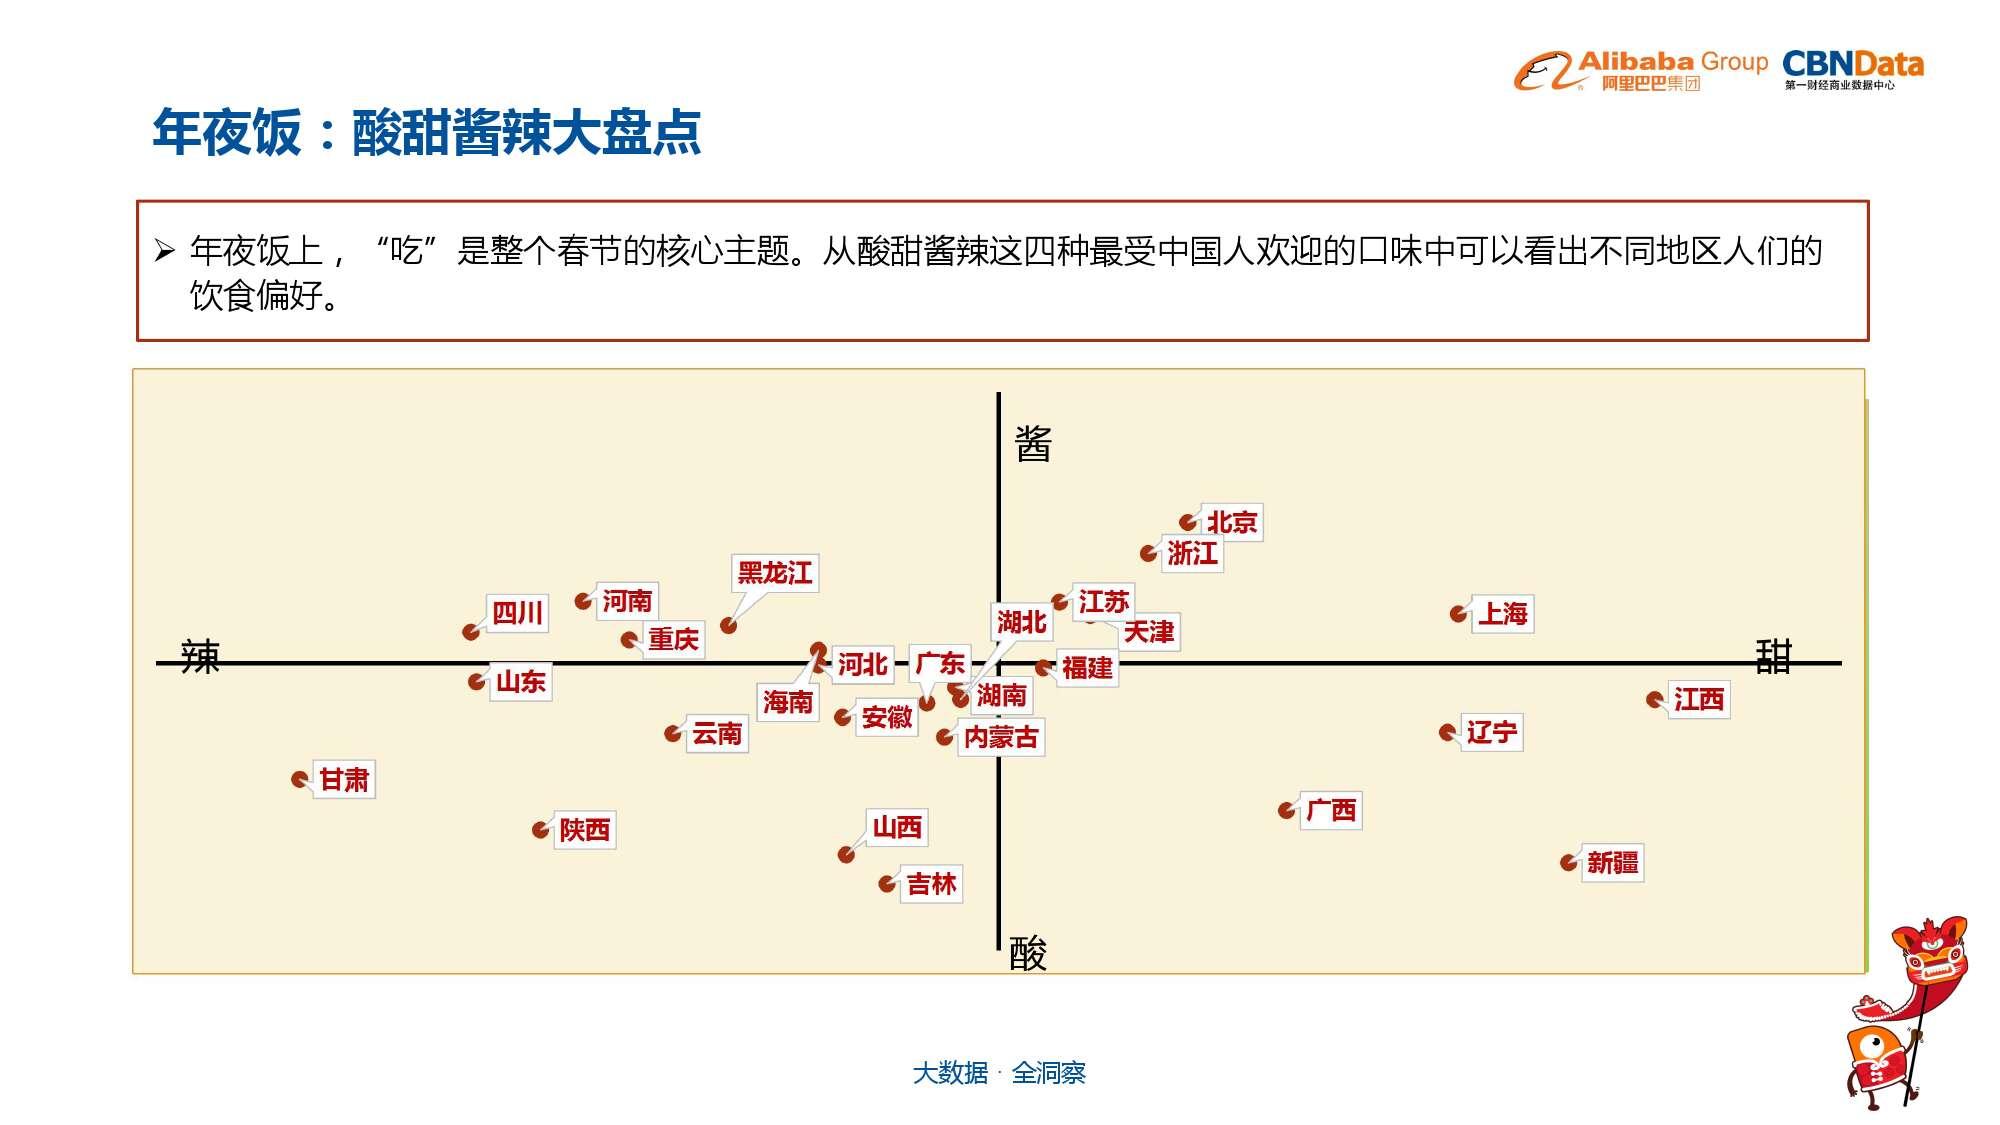 中国年货大数据报告_000016